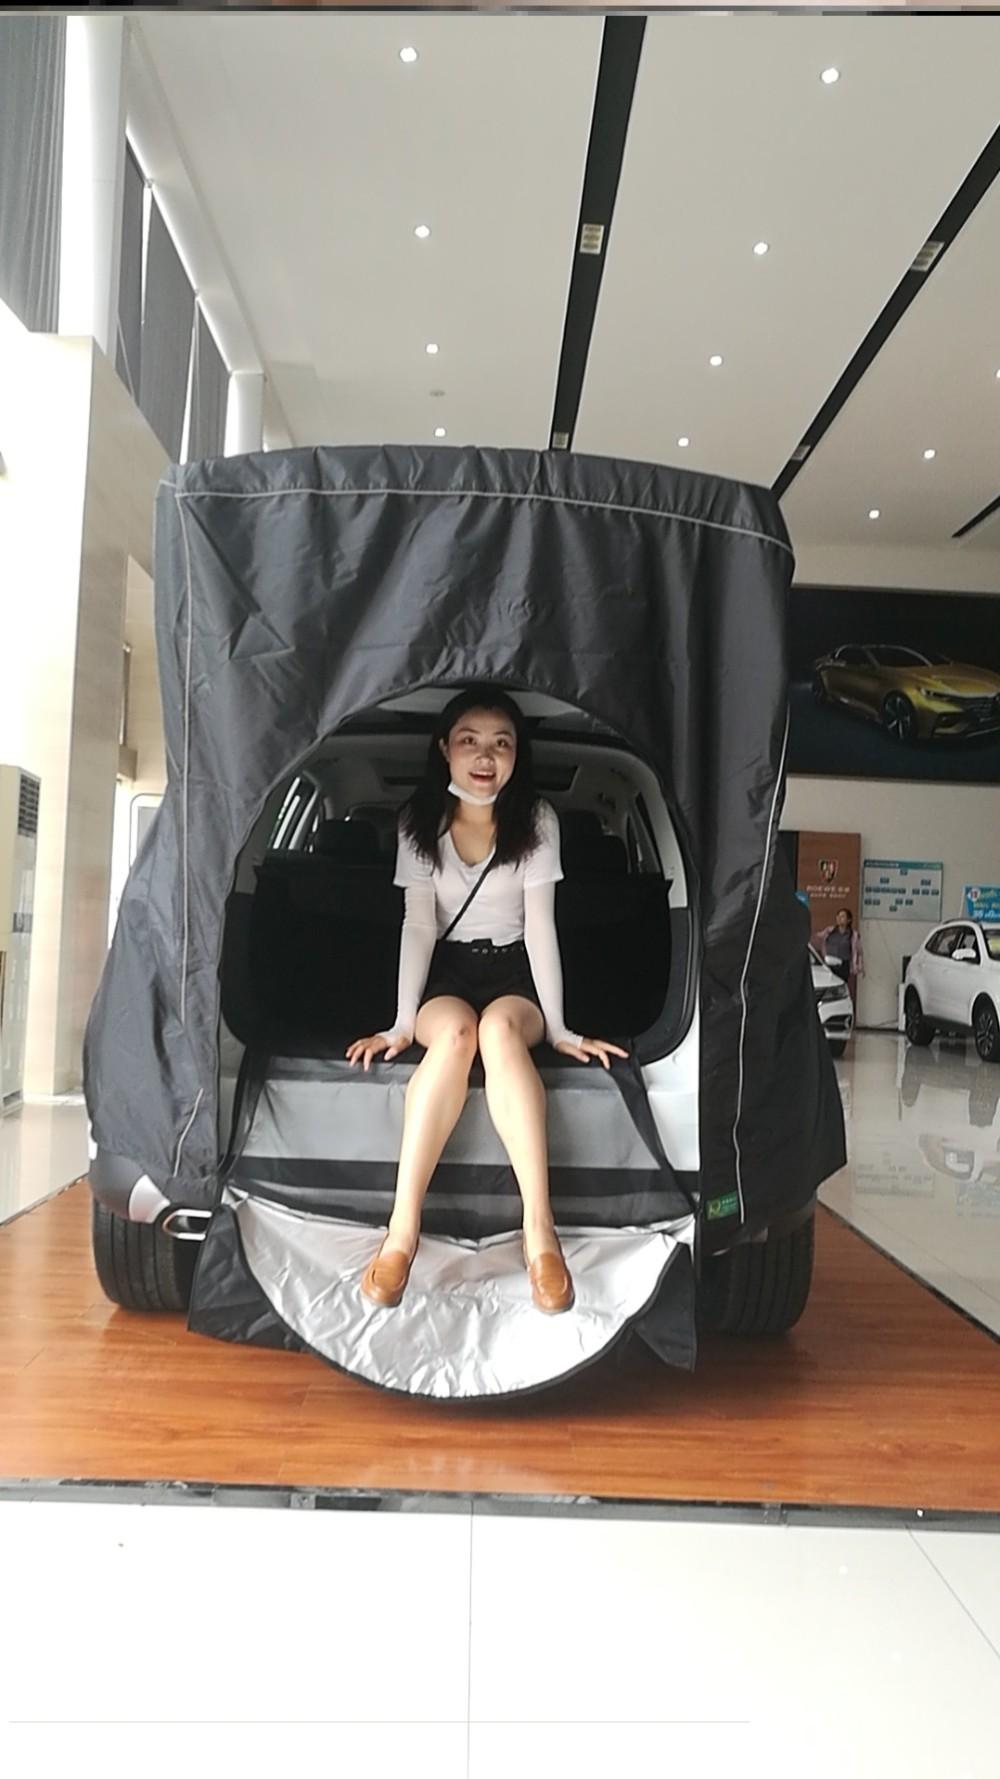 트렁크텐트 차박텐트 차박도킹텐트 카캠프 카크닉 카텐트 카쉘터 차박캠핑 장박텐트 카라반 차양 캐노피 트렁크 소형 중형 펠리세이드 QM6, N- 블랙 -A87